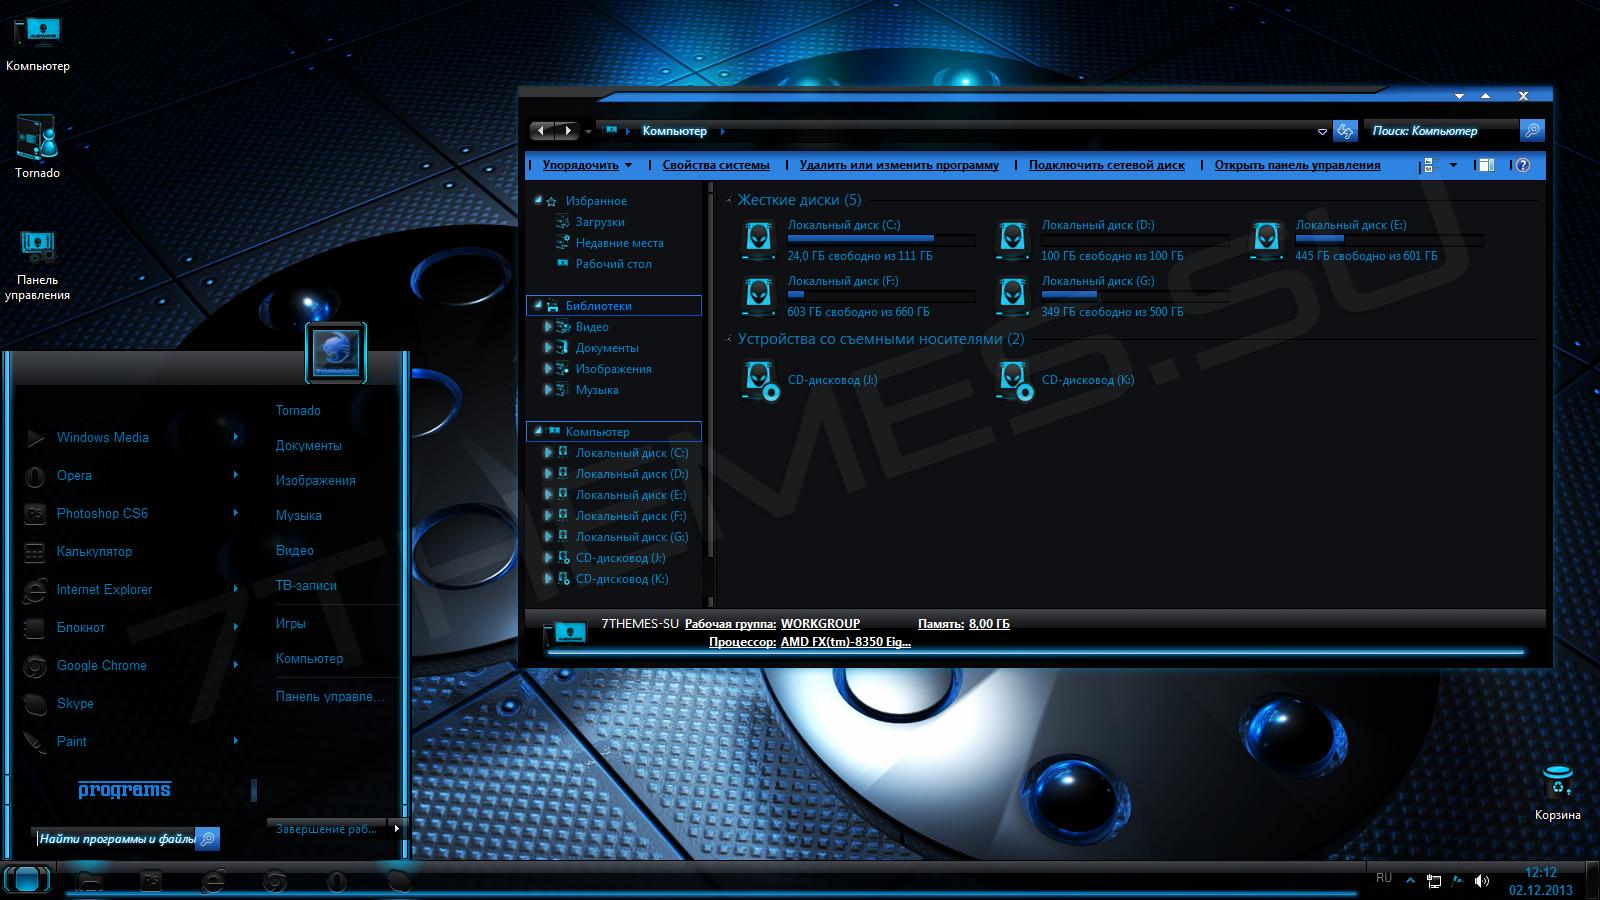 Пользовательский интерфейс рабочего стола windows 2000 7